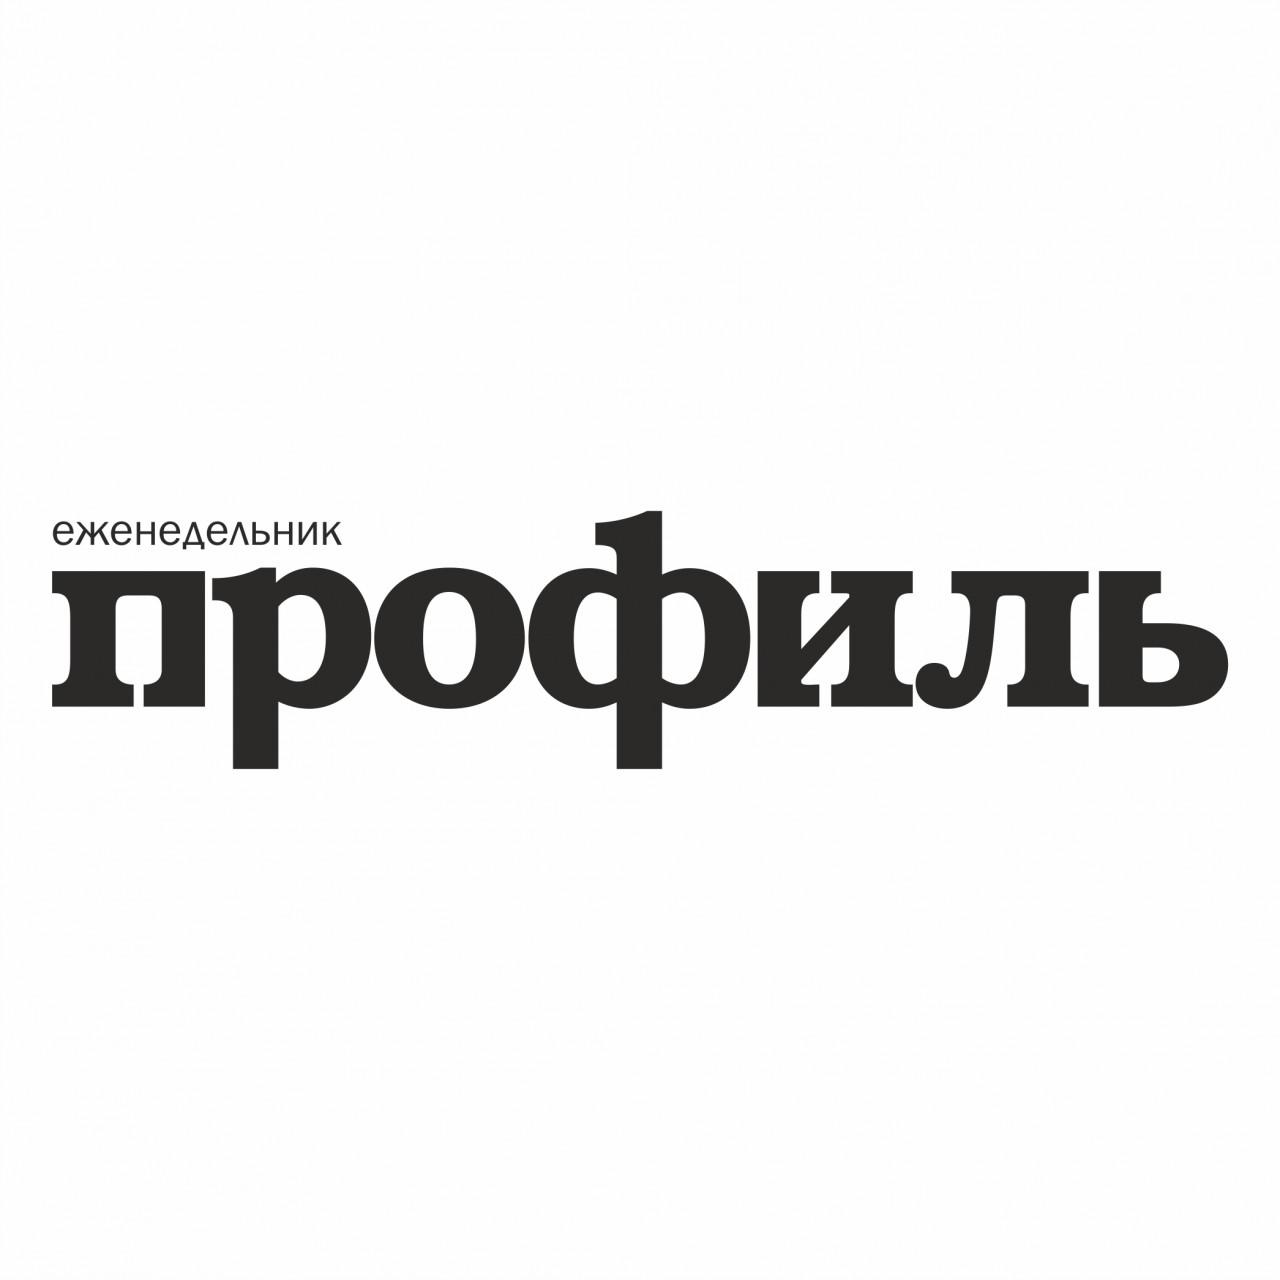 Москва требует от Киева пересмотра политики в области СМИ